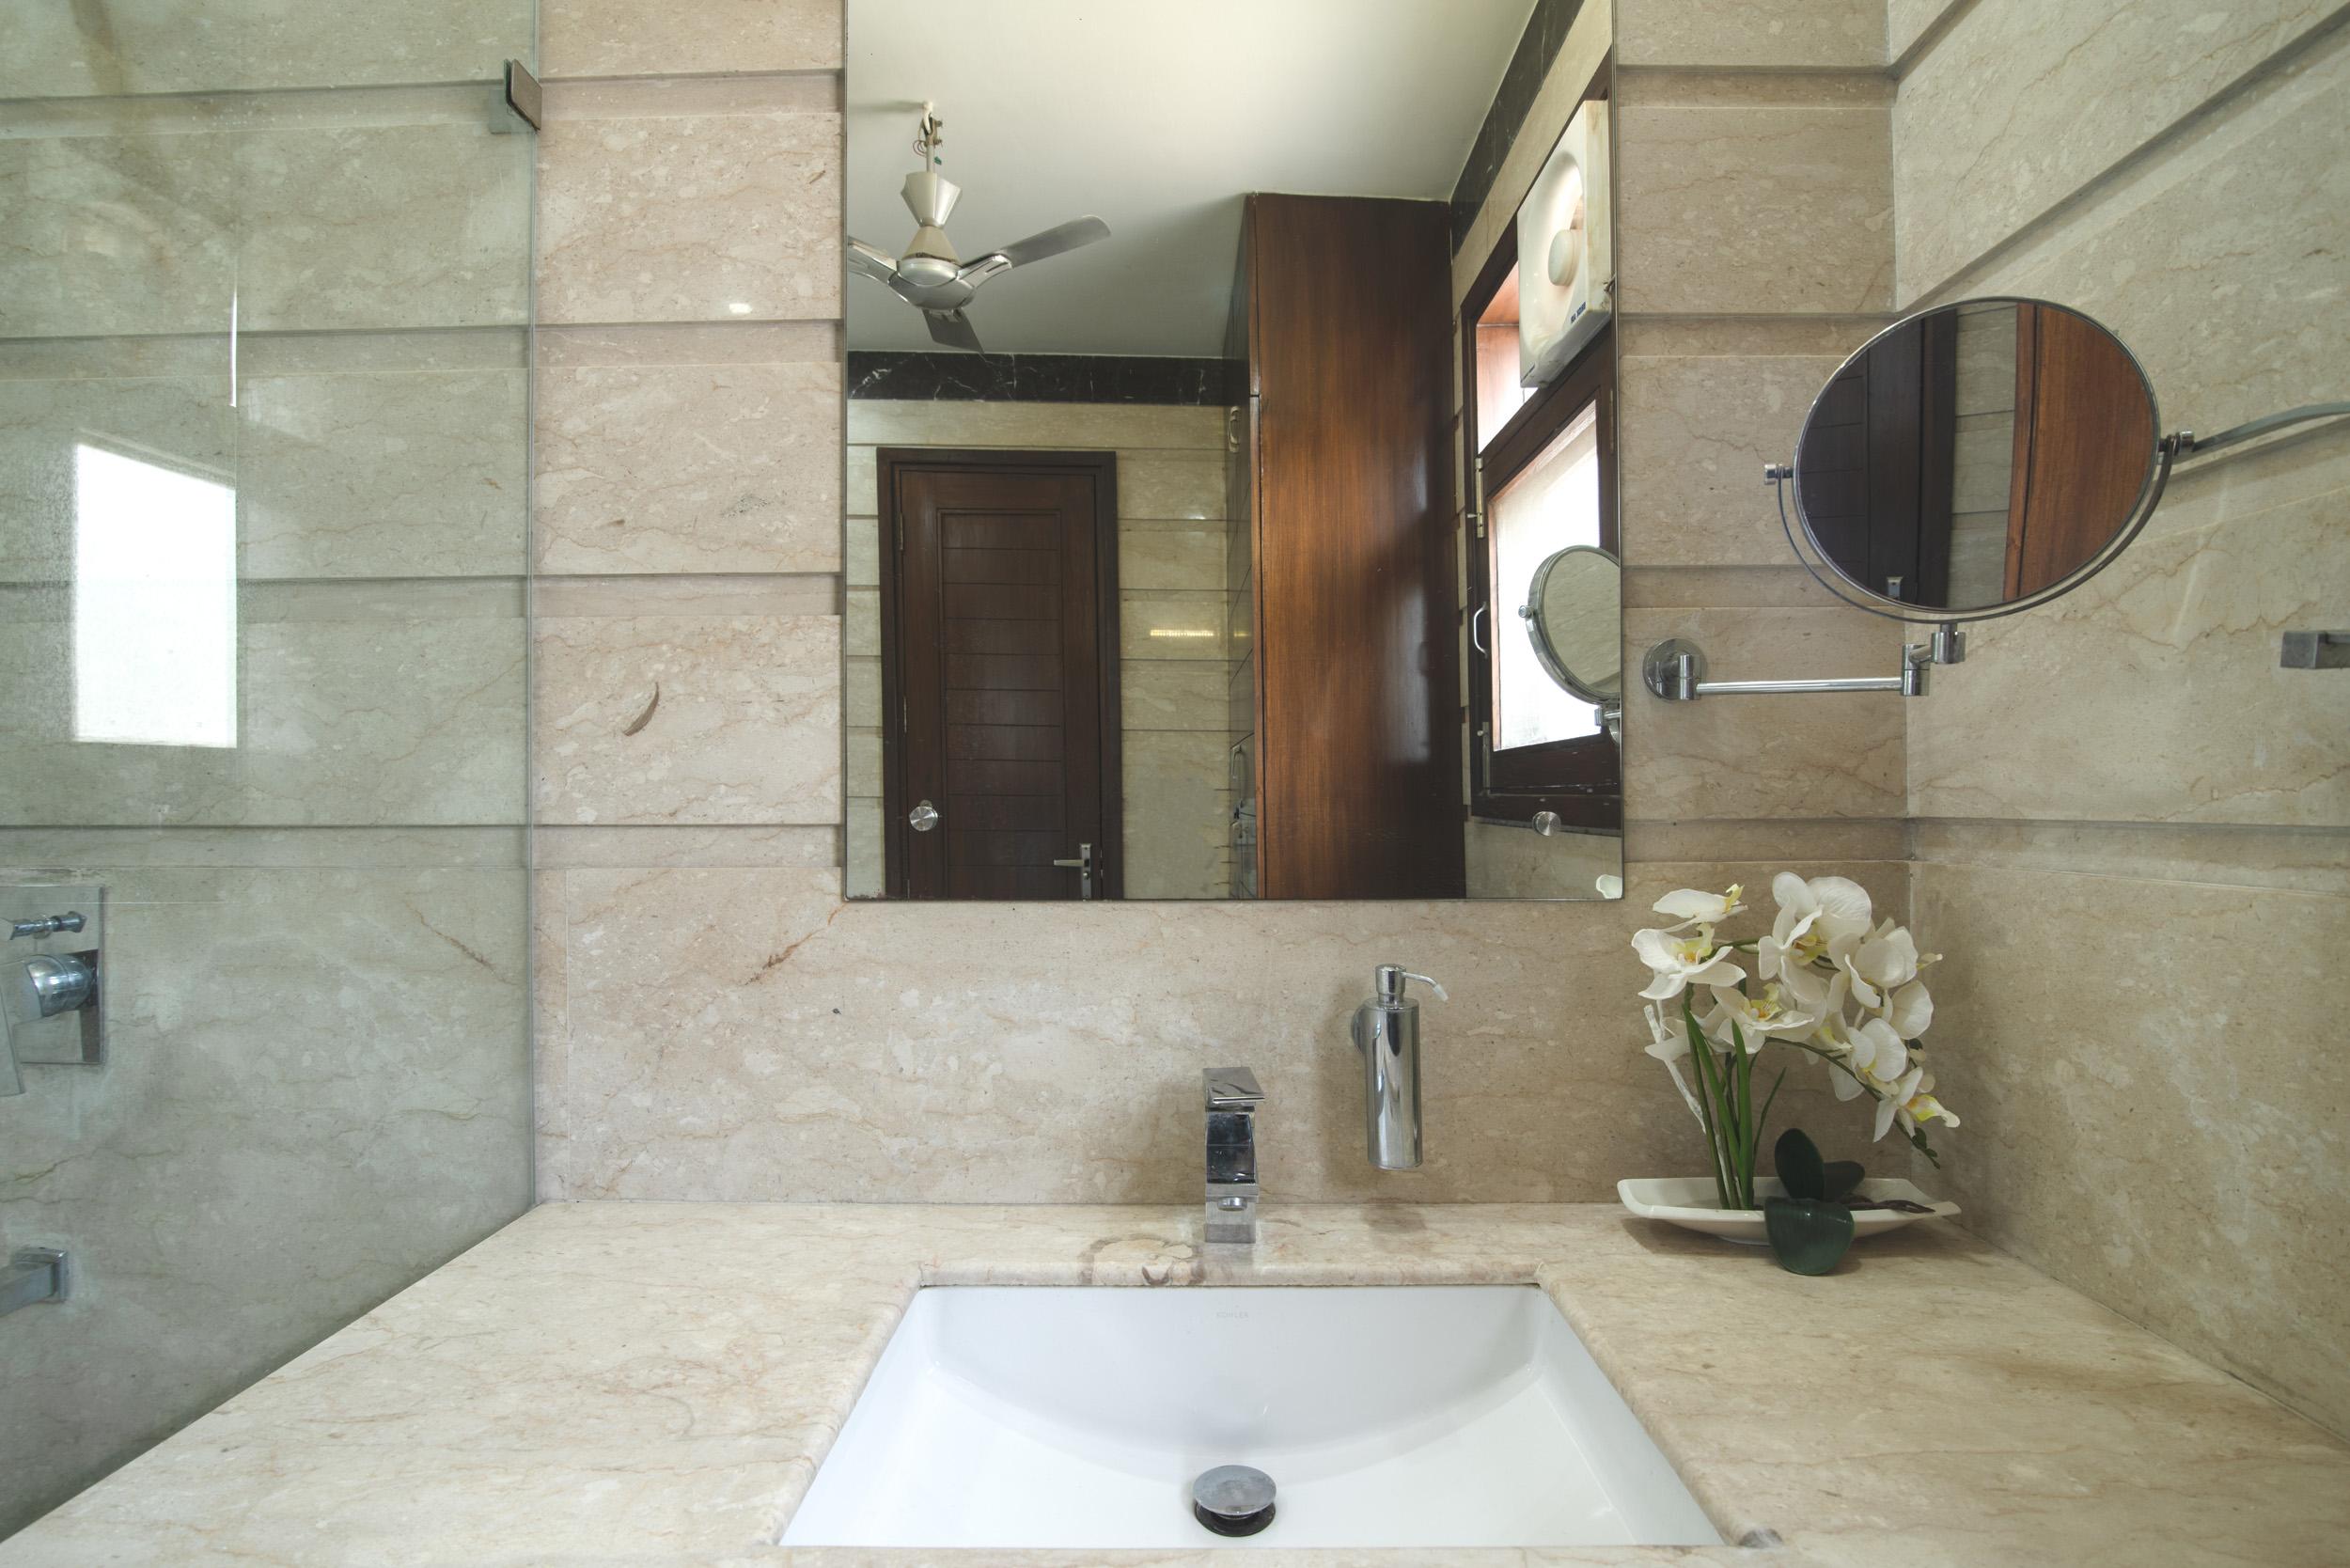 Perch Arbor- Sohna Road,Studio Apartment, Washroom